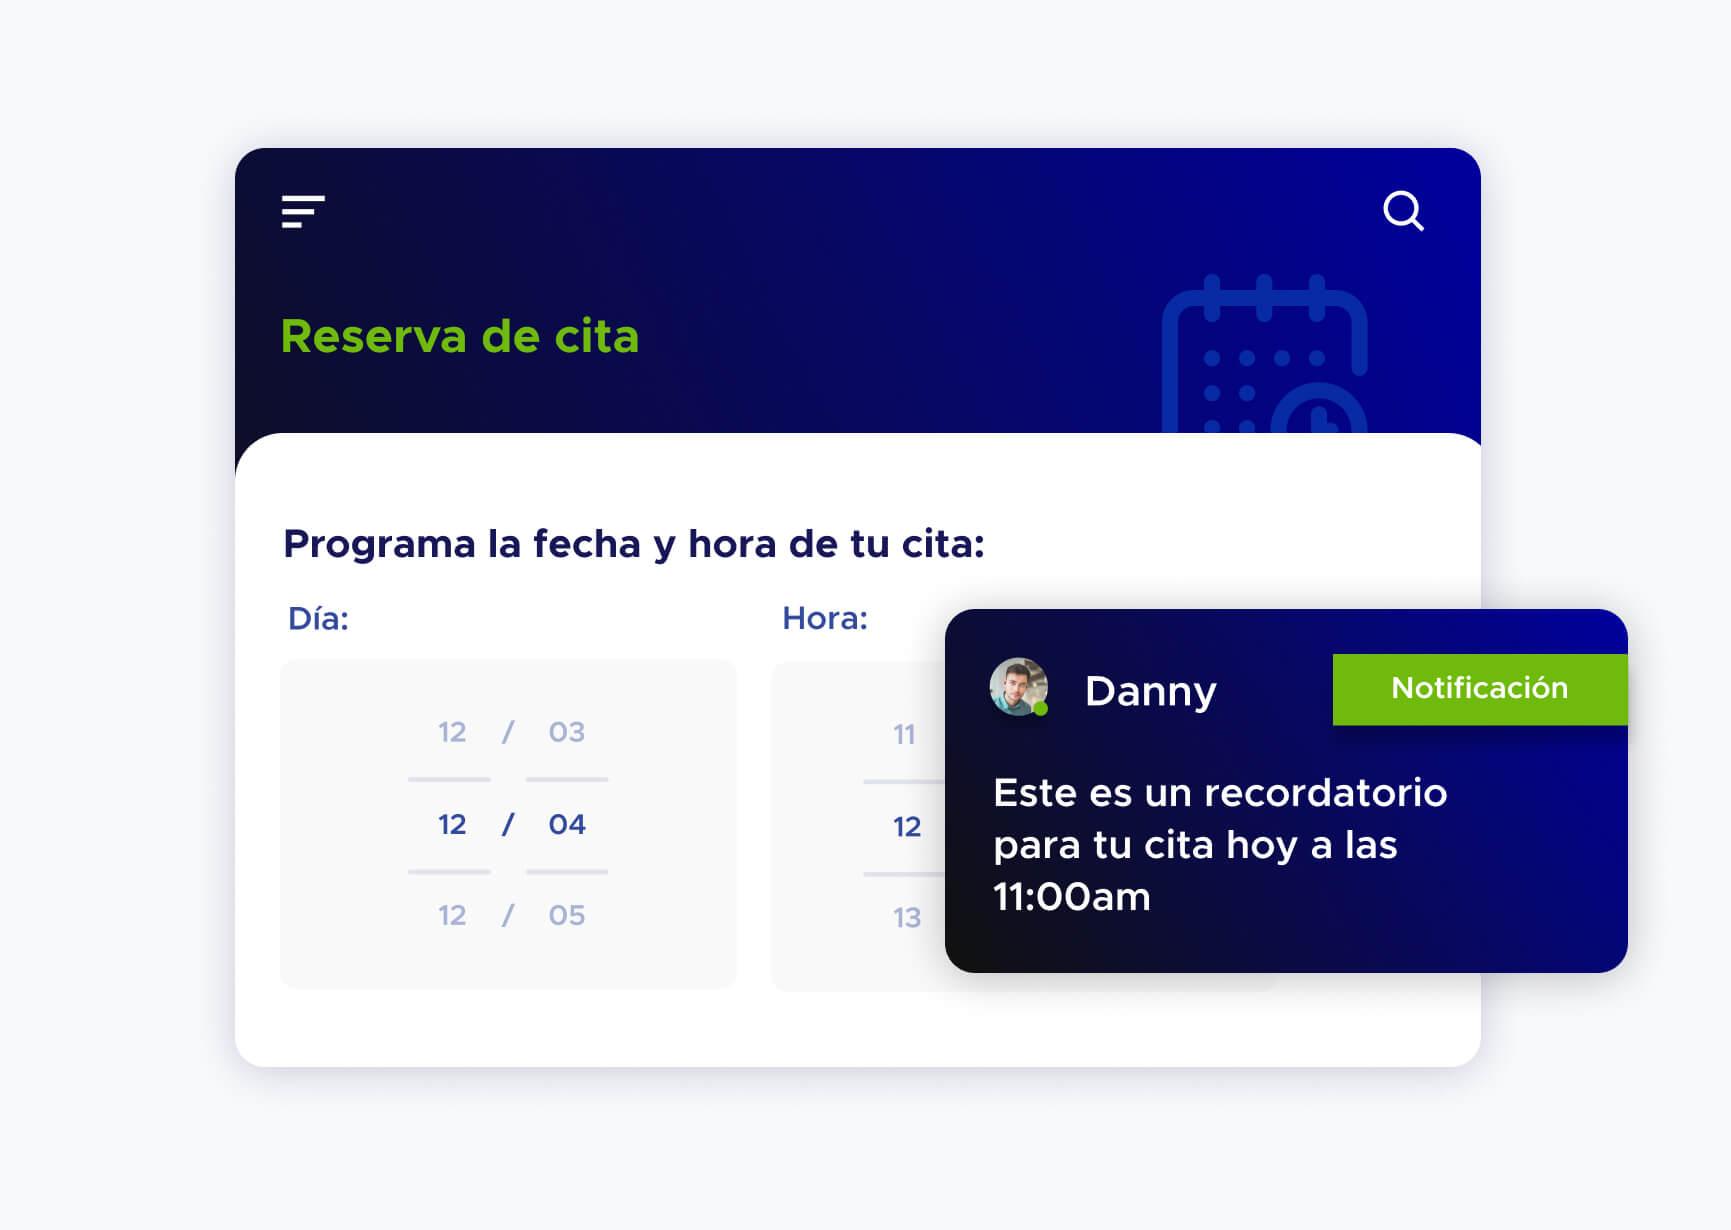 Simulación de reserva de cita y notificación de una reserva de cita para el día de hoy para Danny